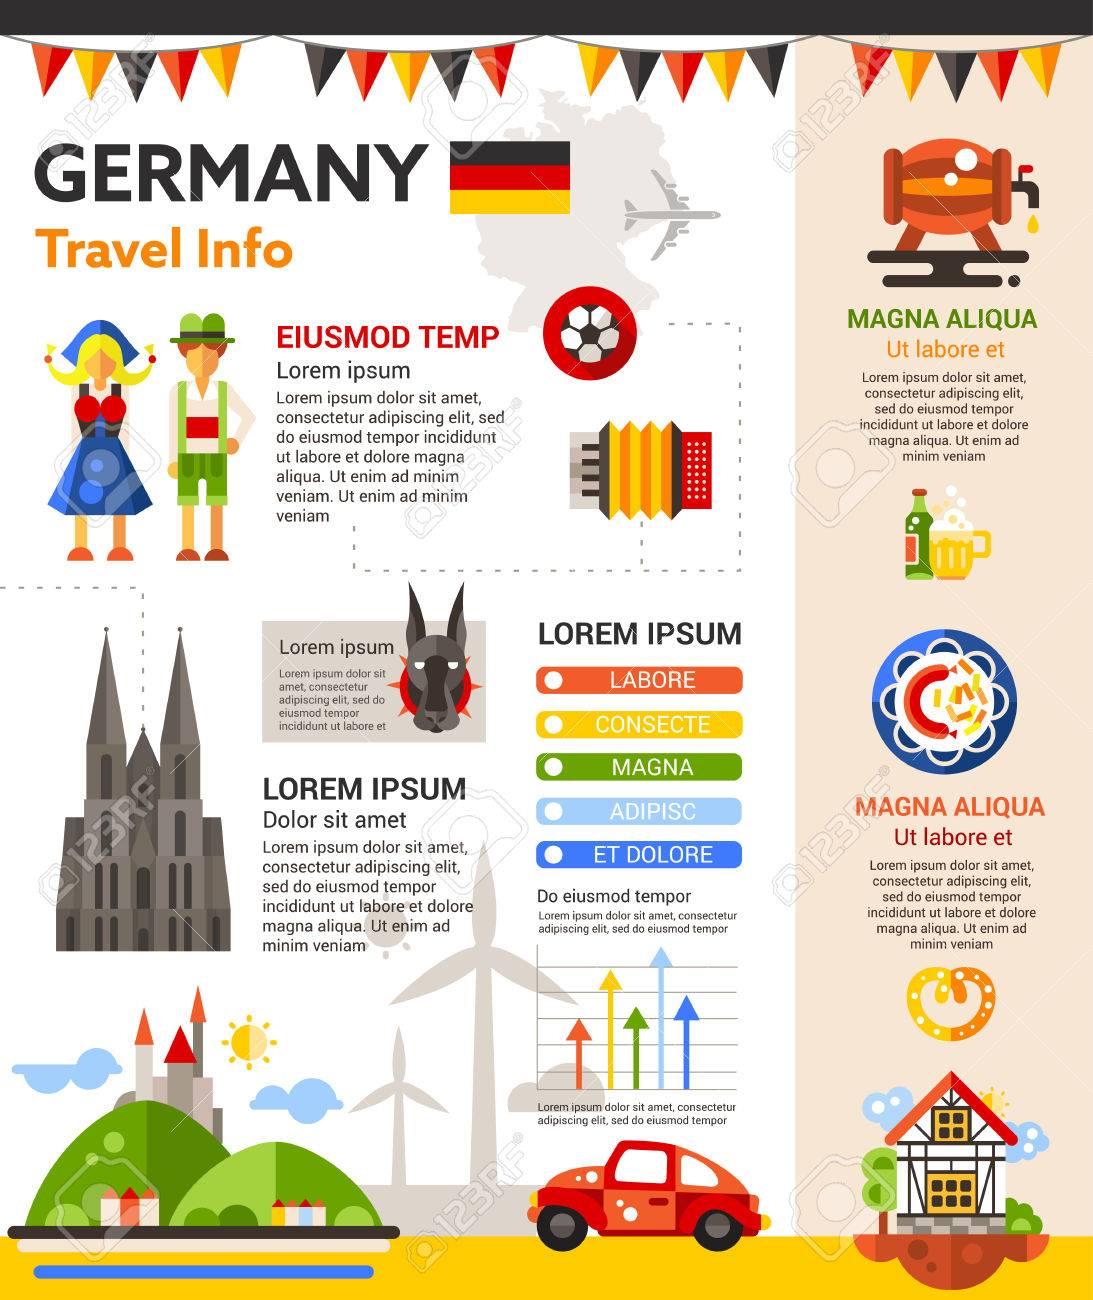 Wunderbar Leere Reise Broschüre Vorlage Fotos - Entry Level Resume ...